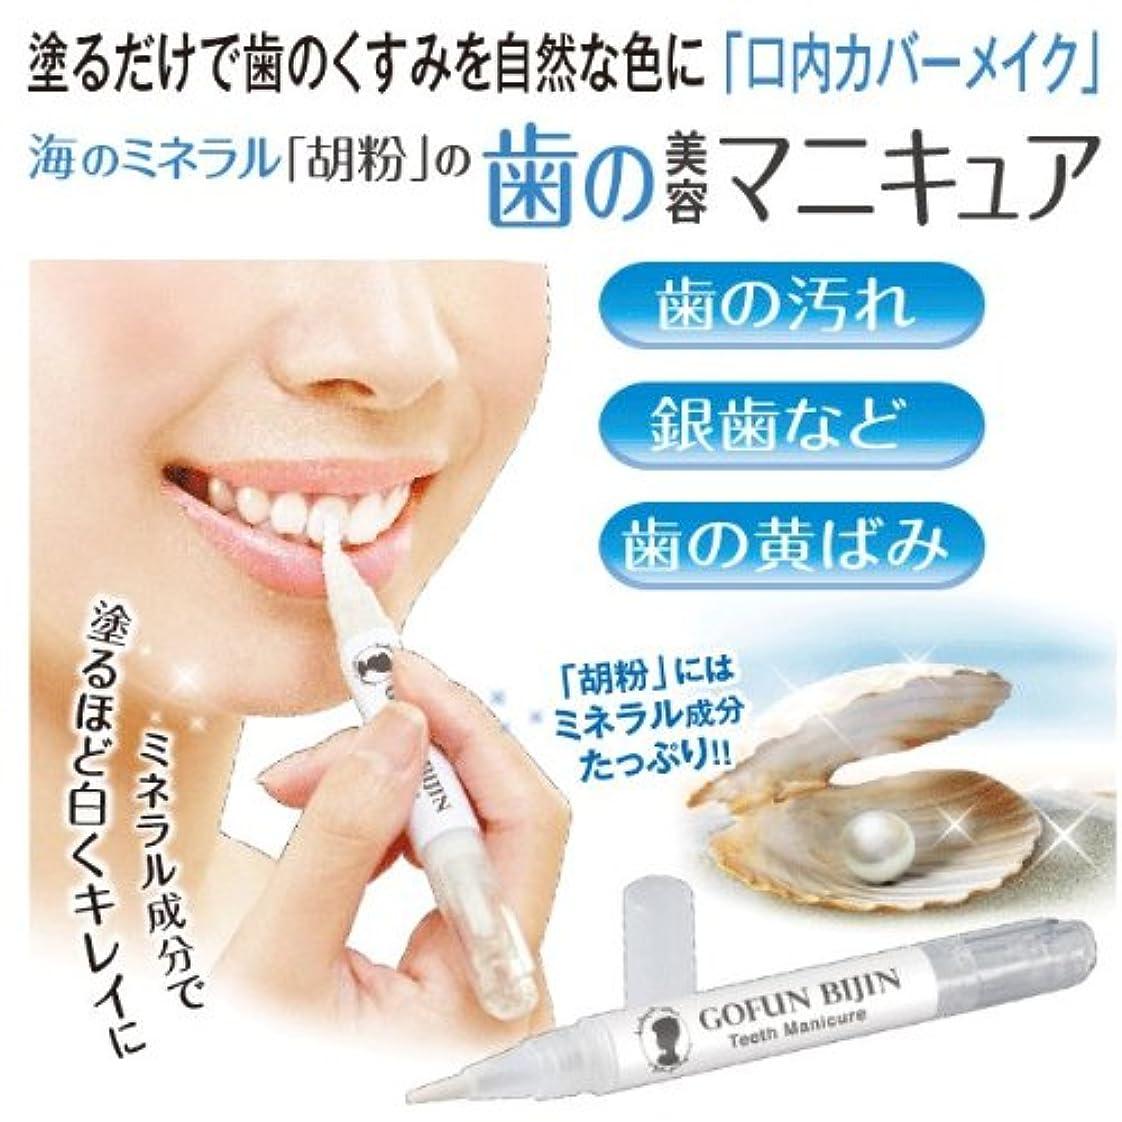 脱走スロベニアゲートウェイ胡粉美人 歯マニキュア 歯にミネラルを補給してキレイに